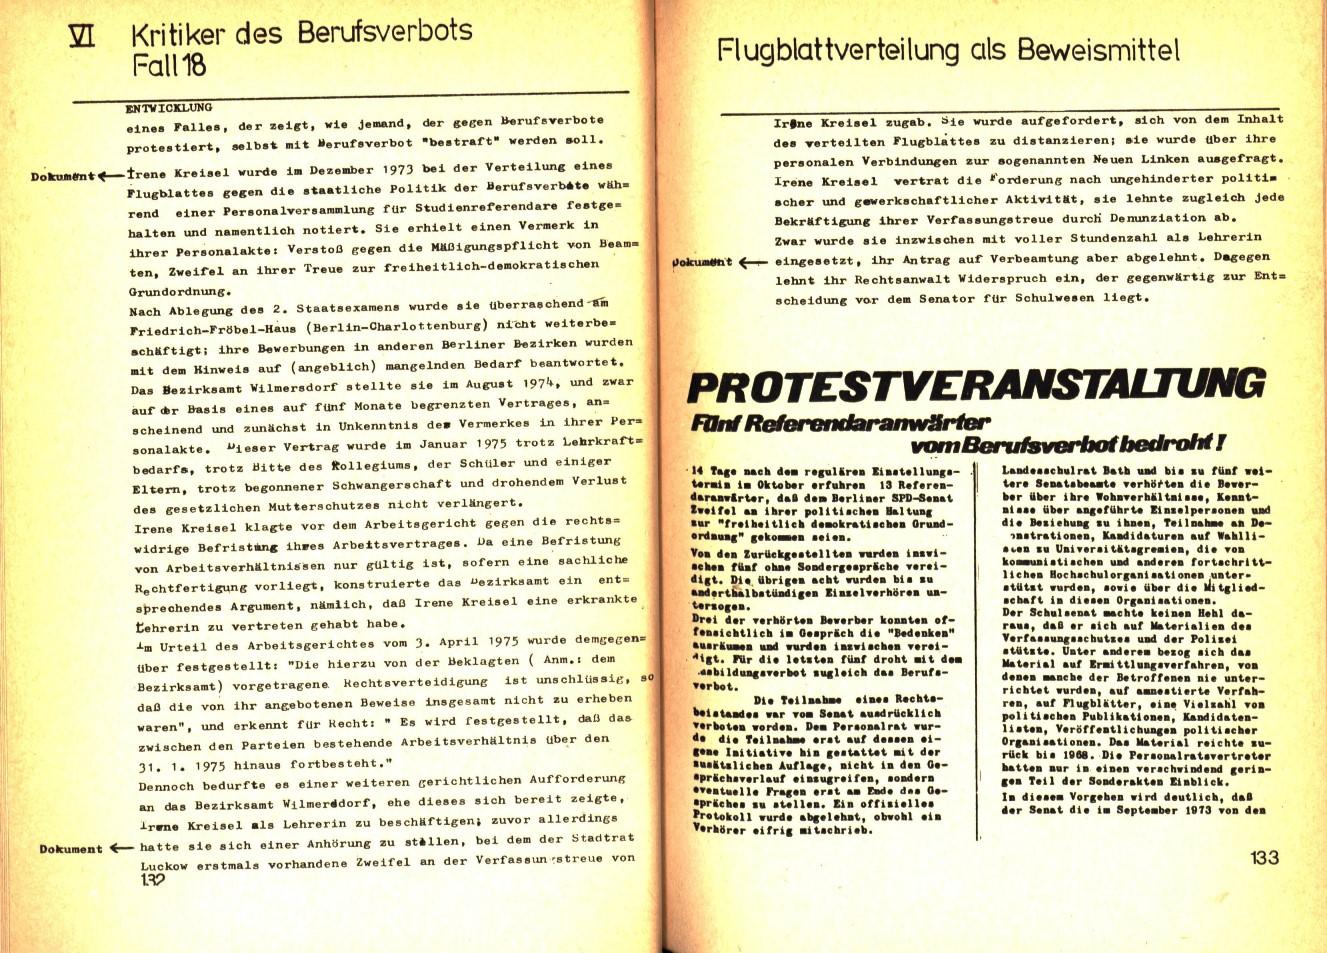 Berlin_VDS_Aktionskomitee_1976_BerufsverboteIII_68